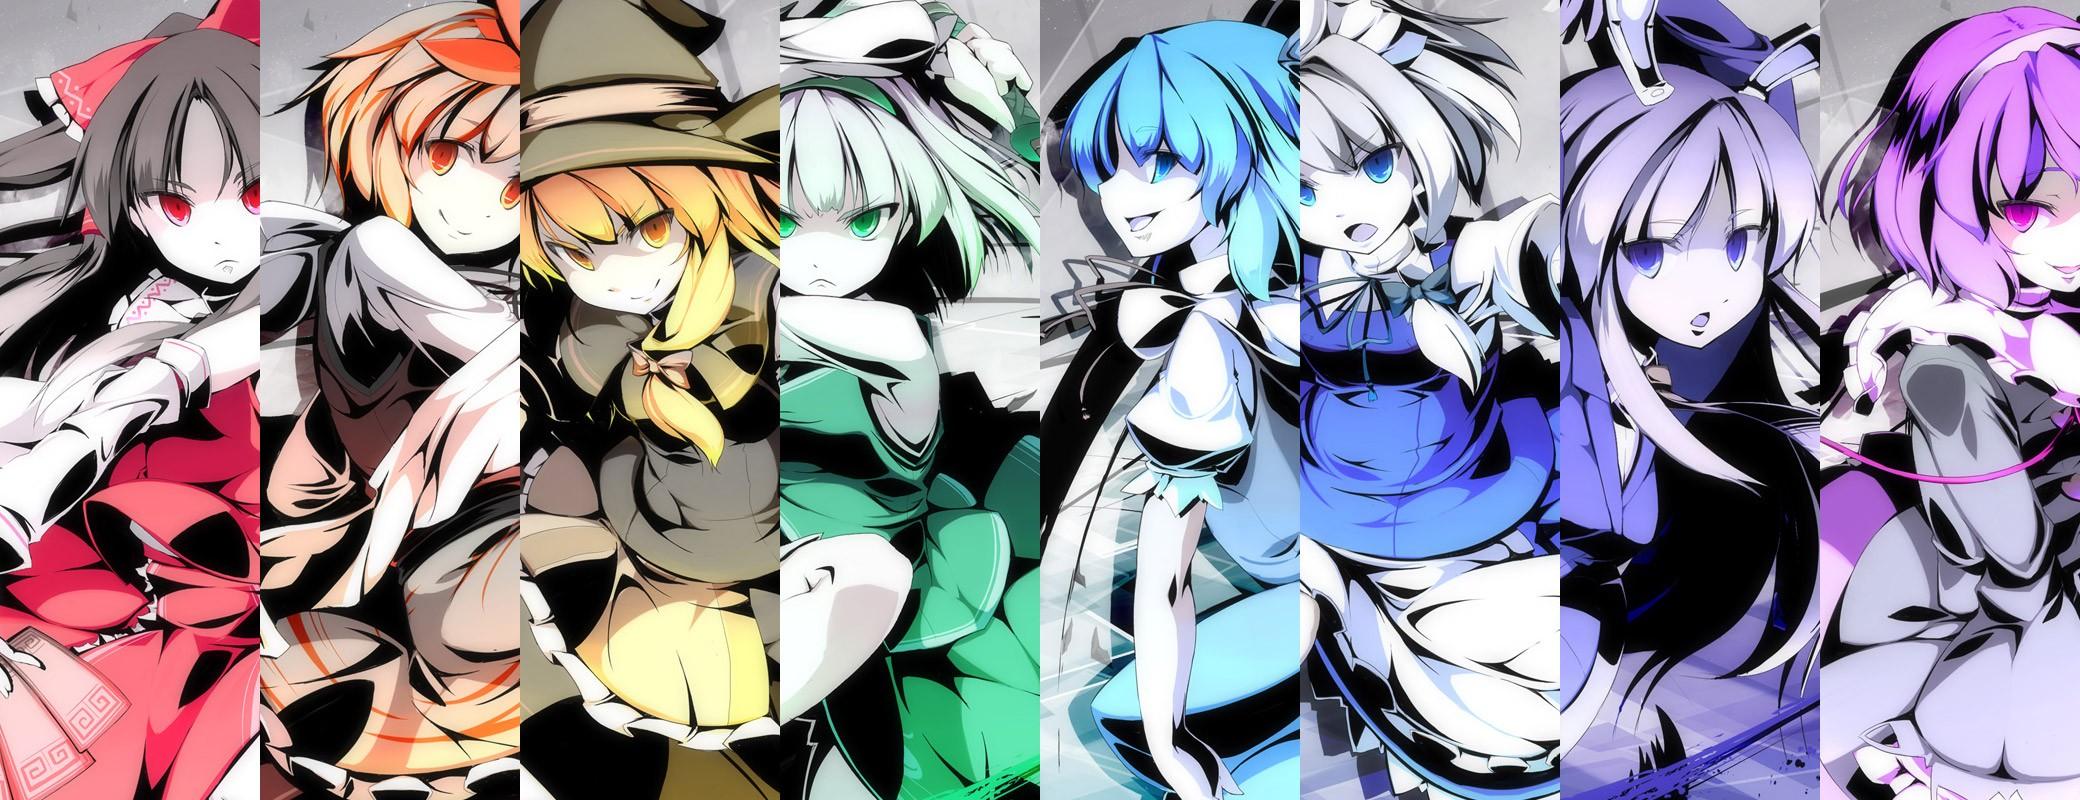 デスクトップ壁紙 図 アニメの女の子 コラージュ 東方 白百合